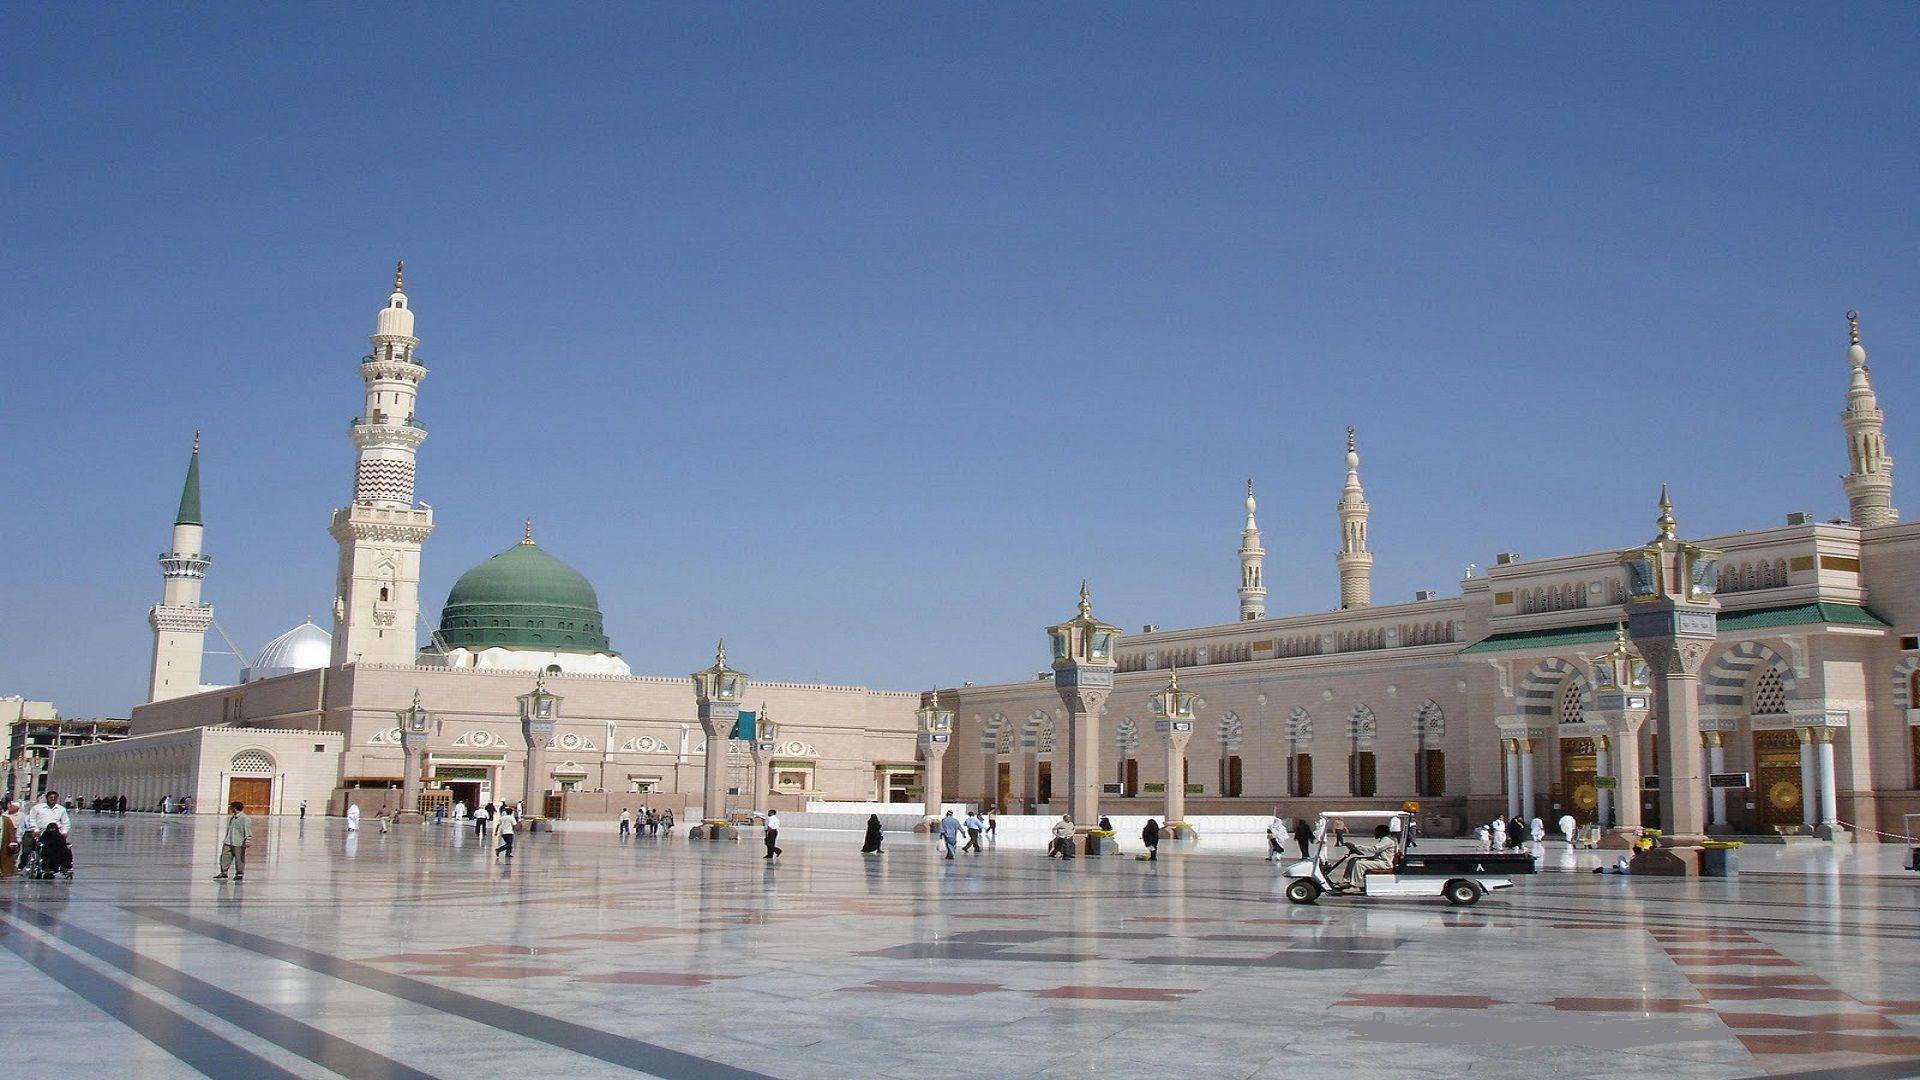 Masjid Nabawi wallpaper free download27